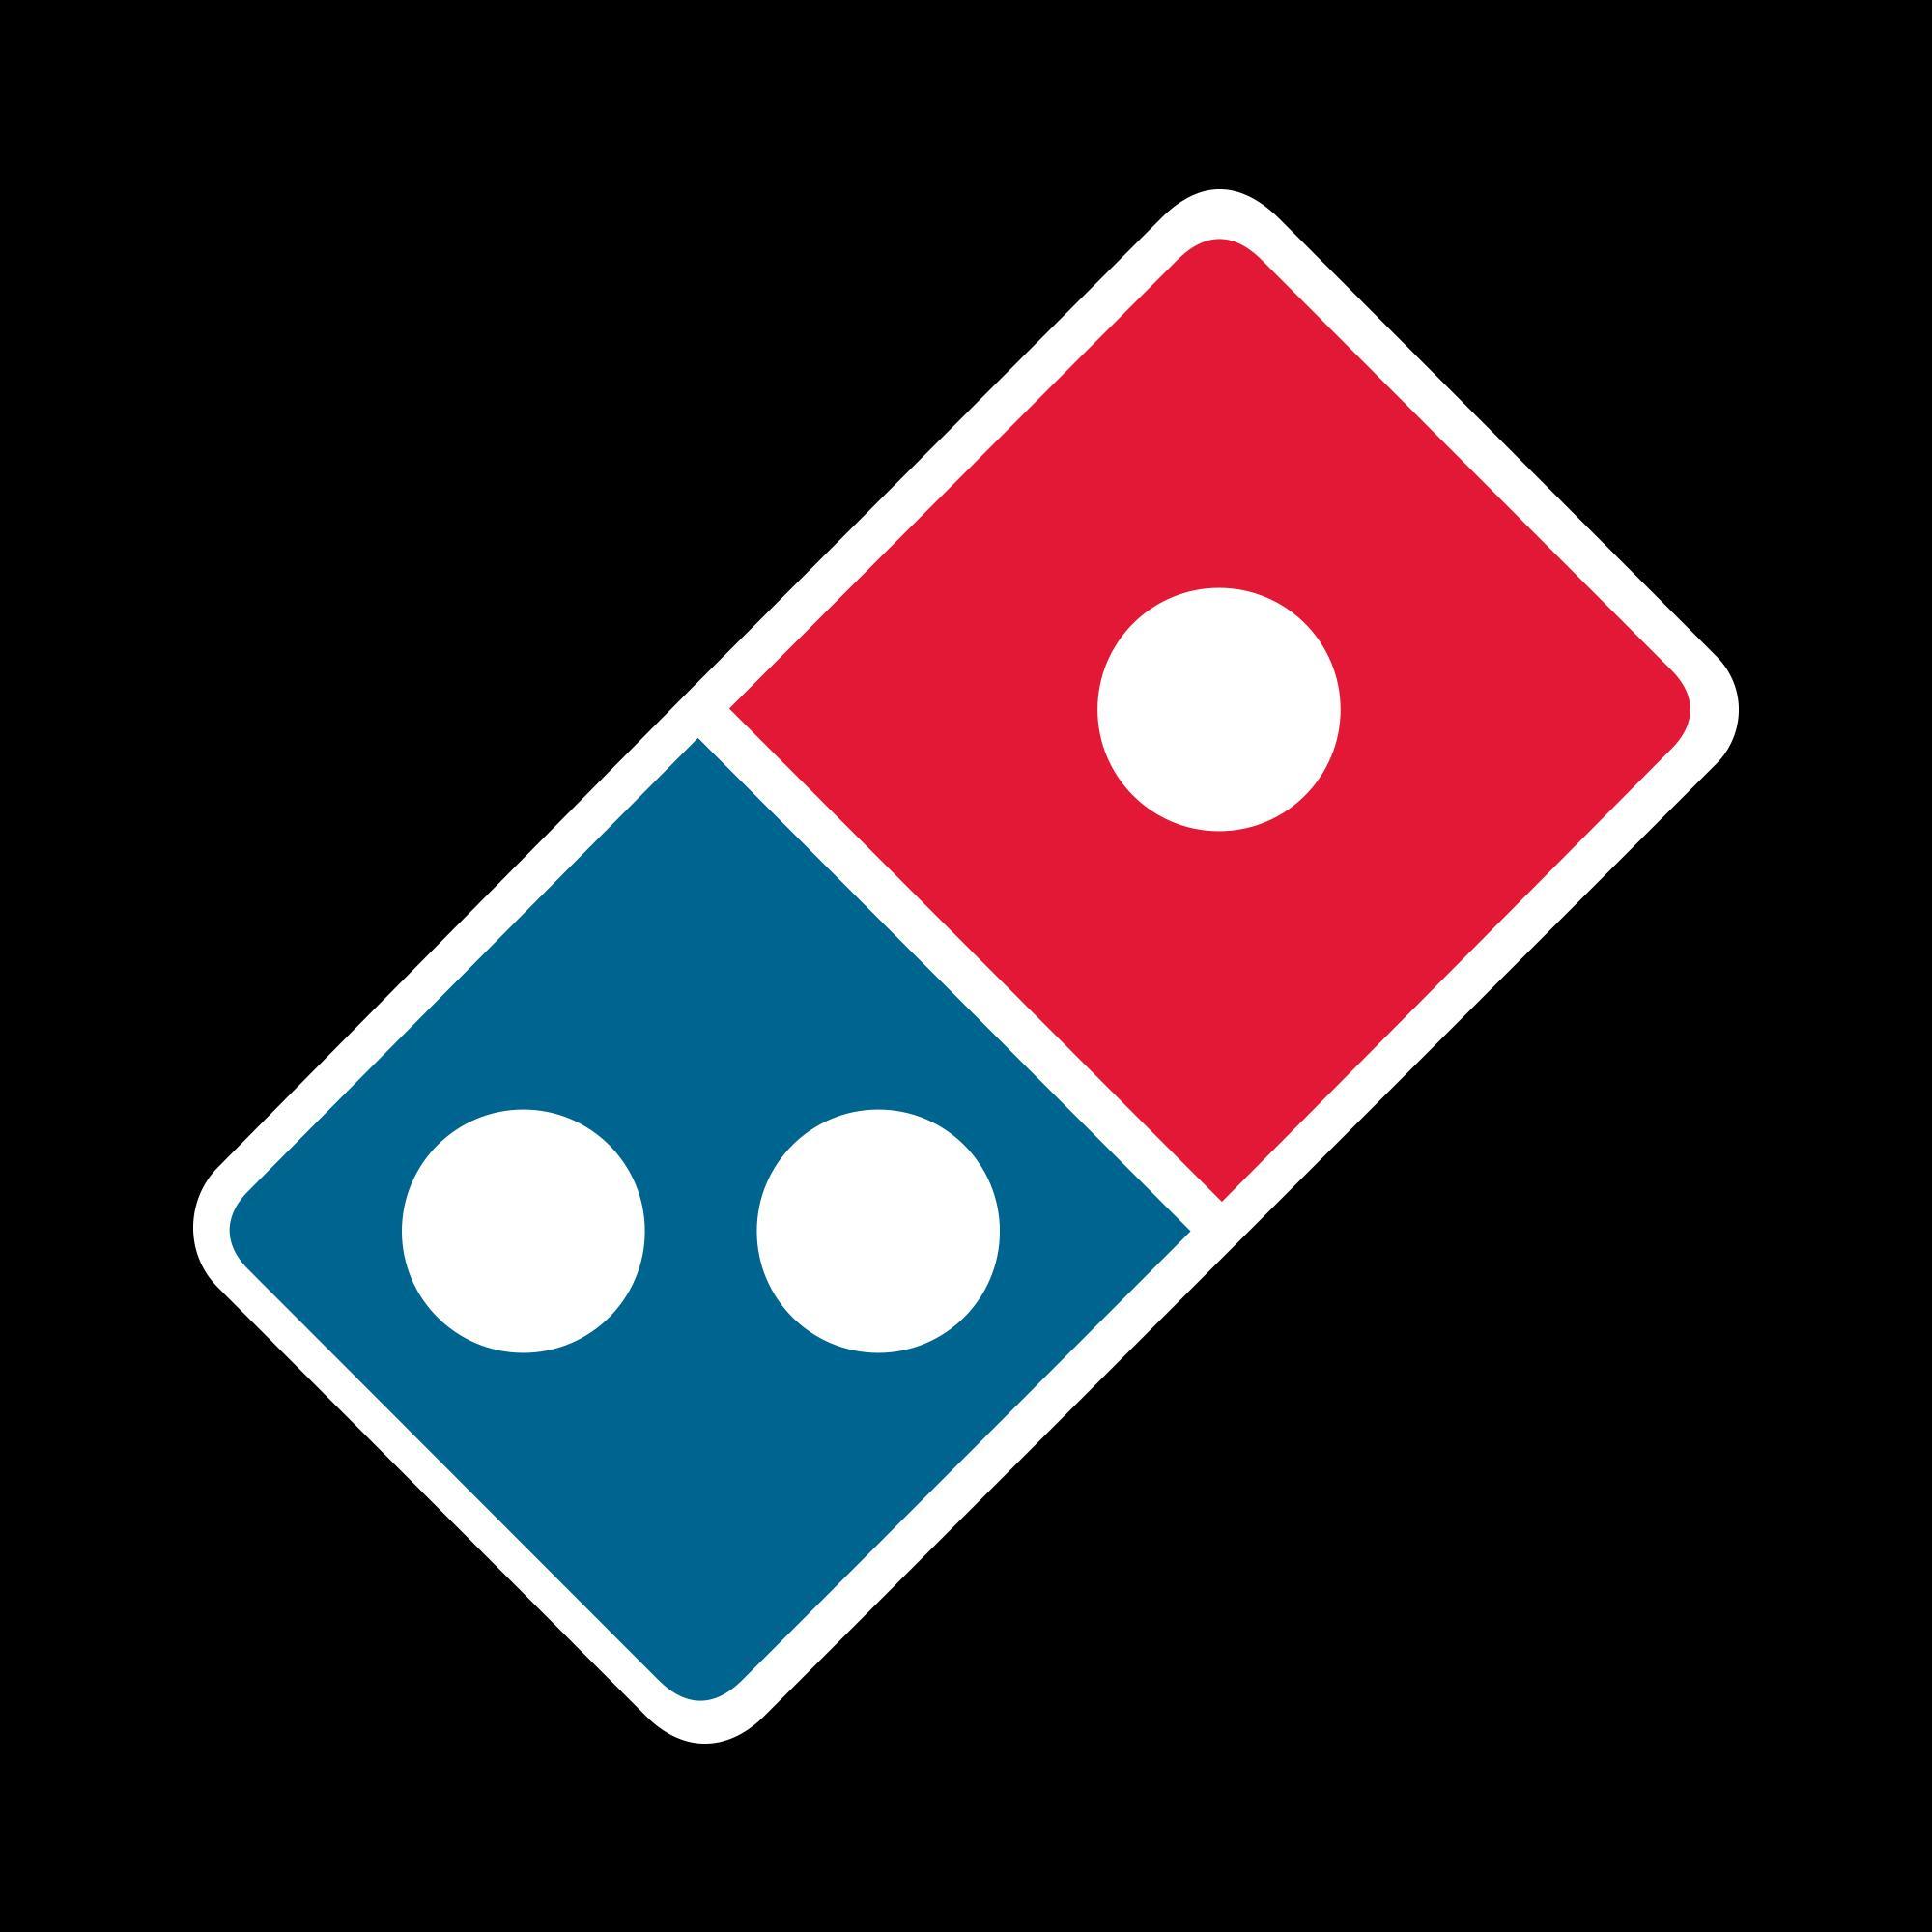 20% de réduction sur une pizza Medium (hors Bons Plans et Signatures)